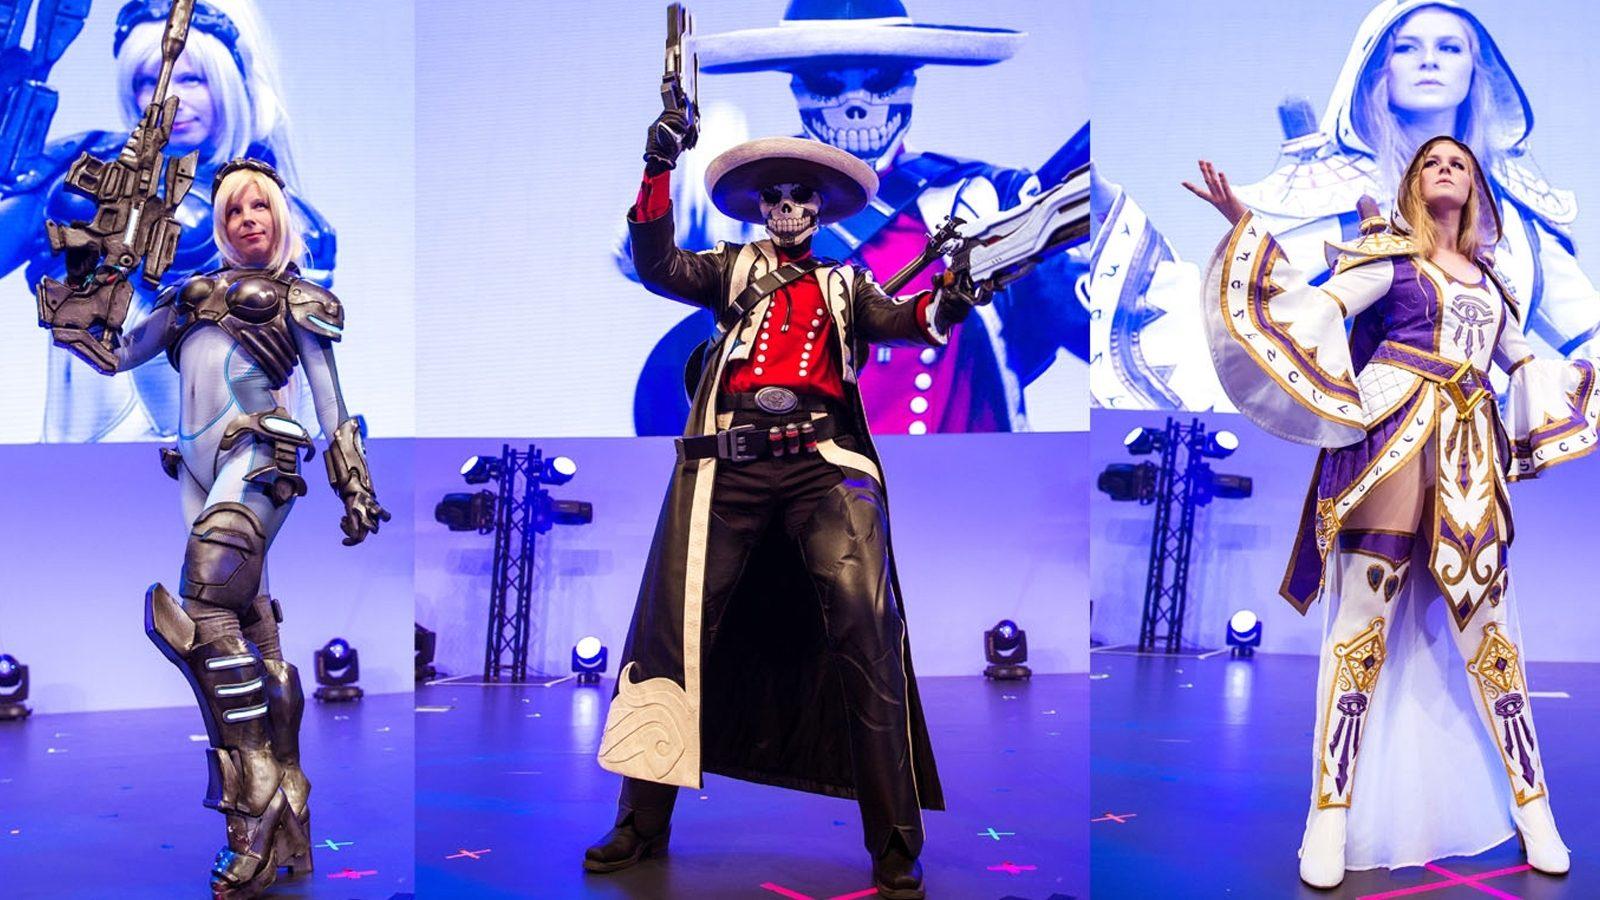 renactor cosplay accademia del fantastico